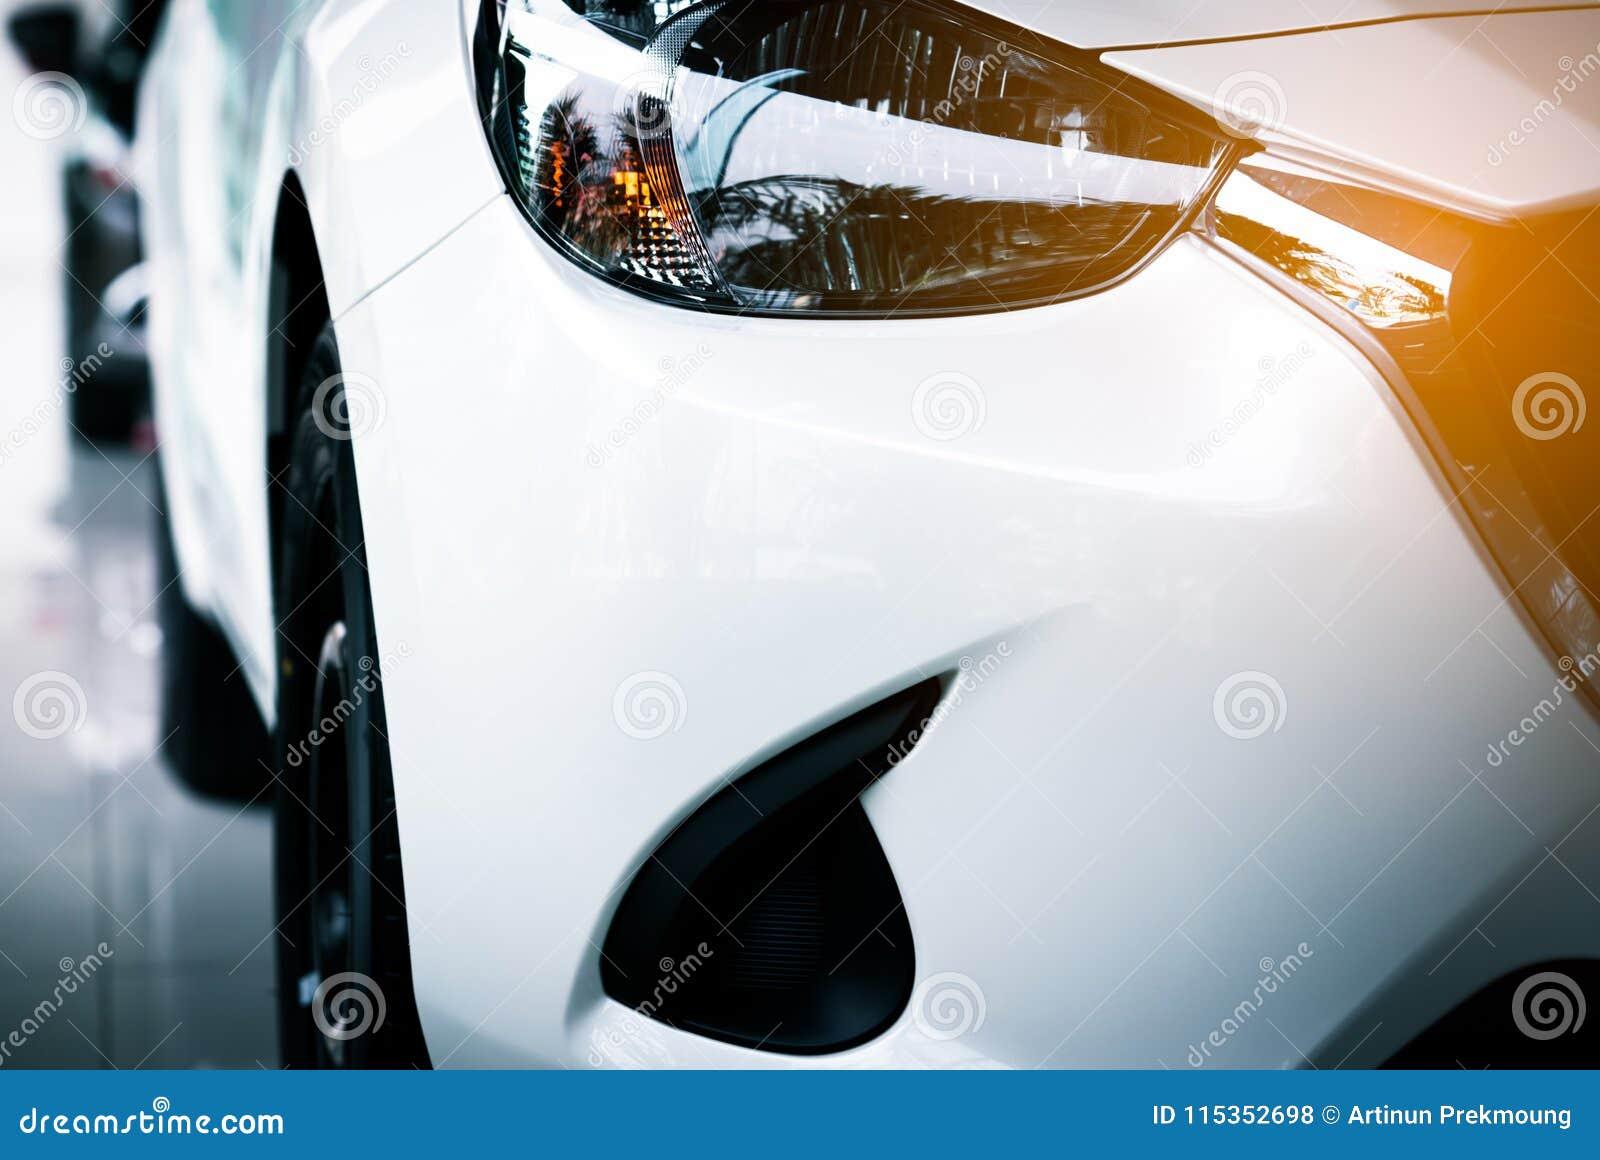 La nouvelle voiture compacte de luxe blanche de suv s est garée